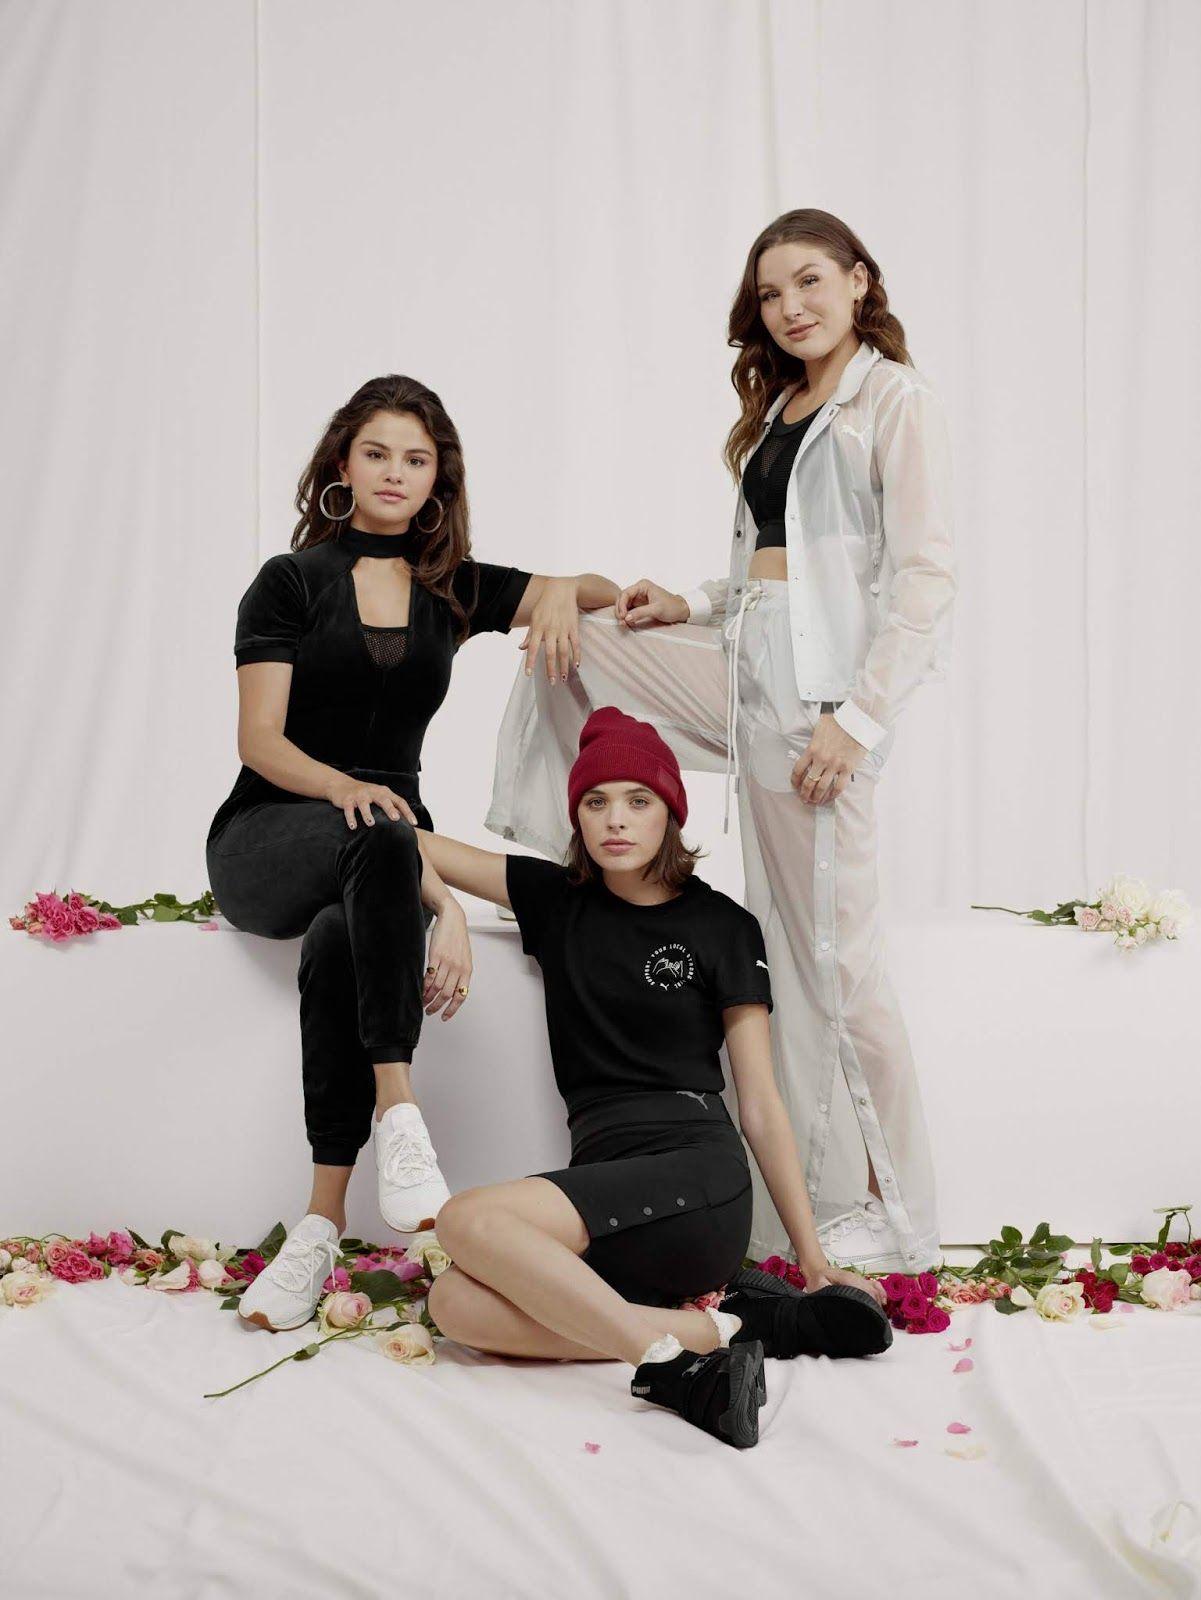 e03cbe2b88f8 Selena Gomez - SG x Puma